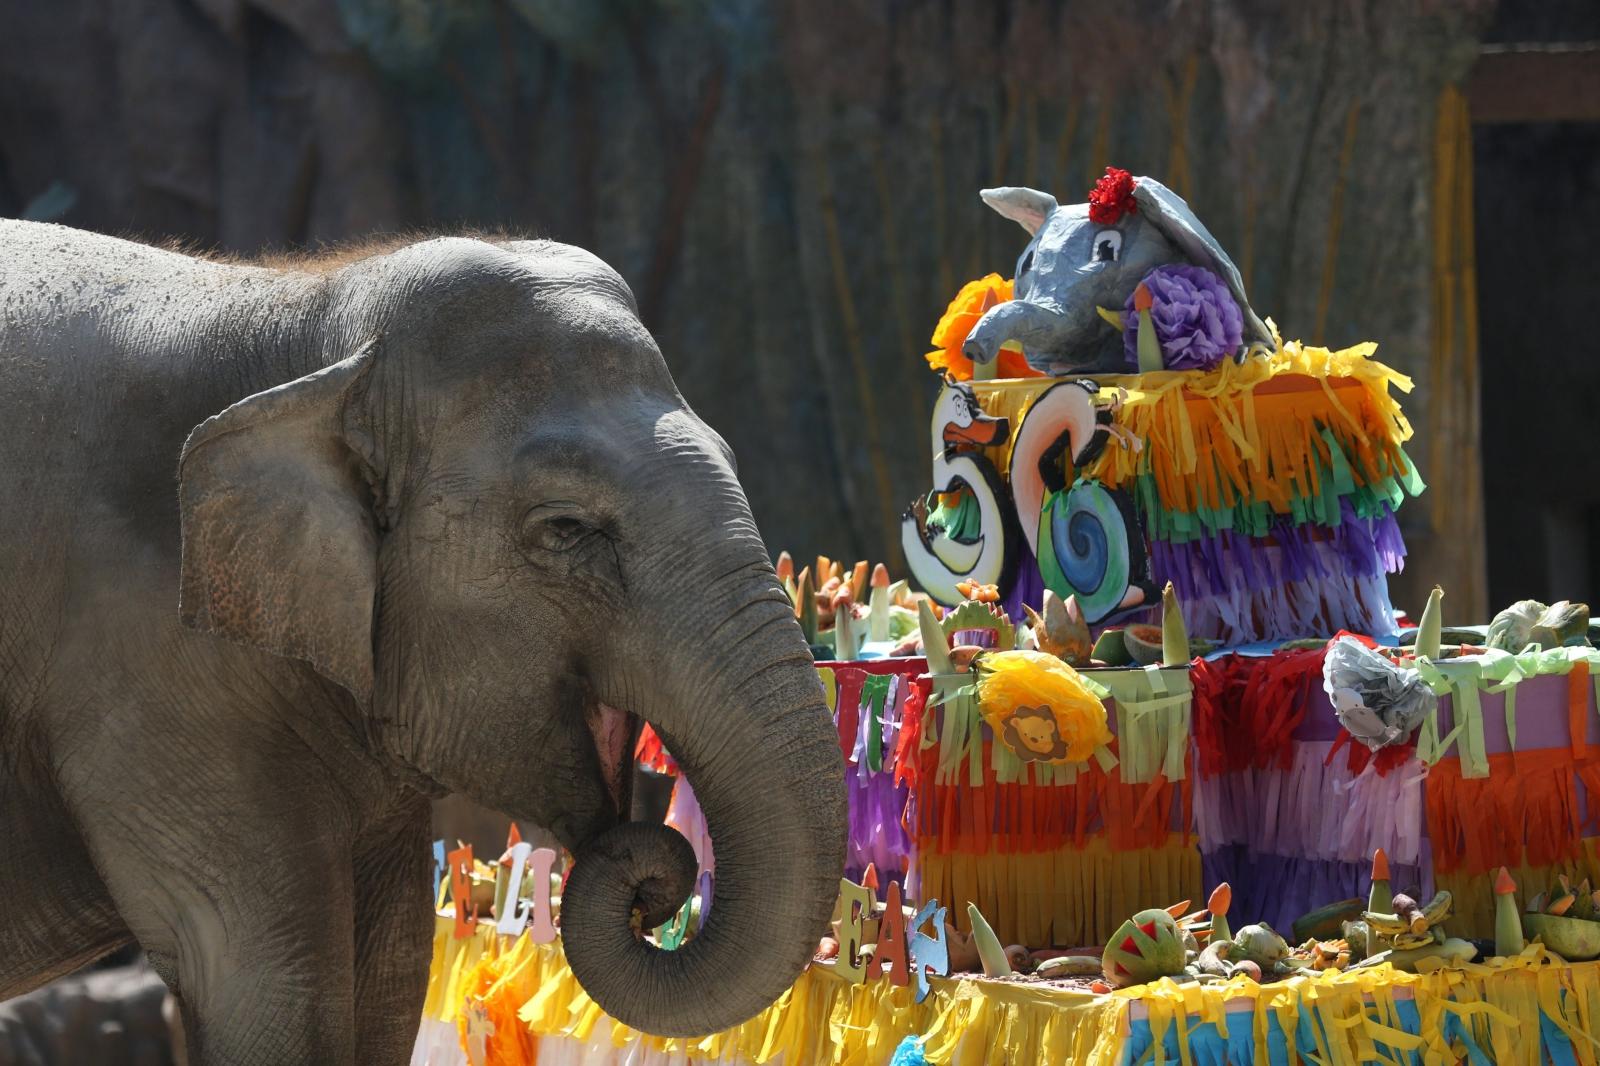 Słoń Trompita na tle tortu z okazji jego 56 urodzin. La Auroza Zoo, Guatemala.